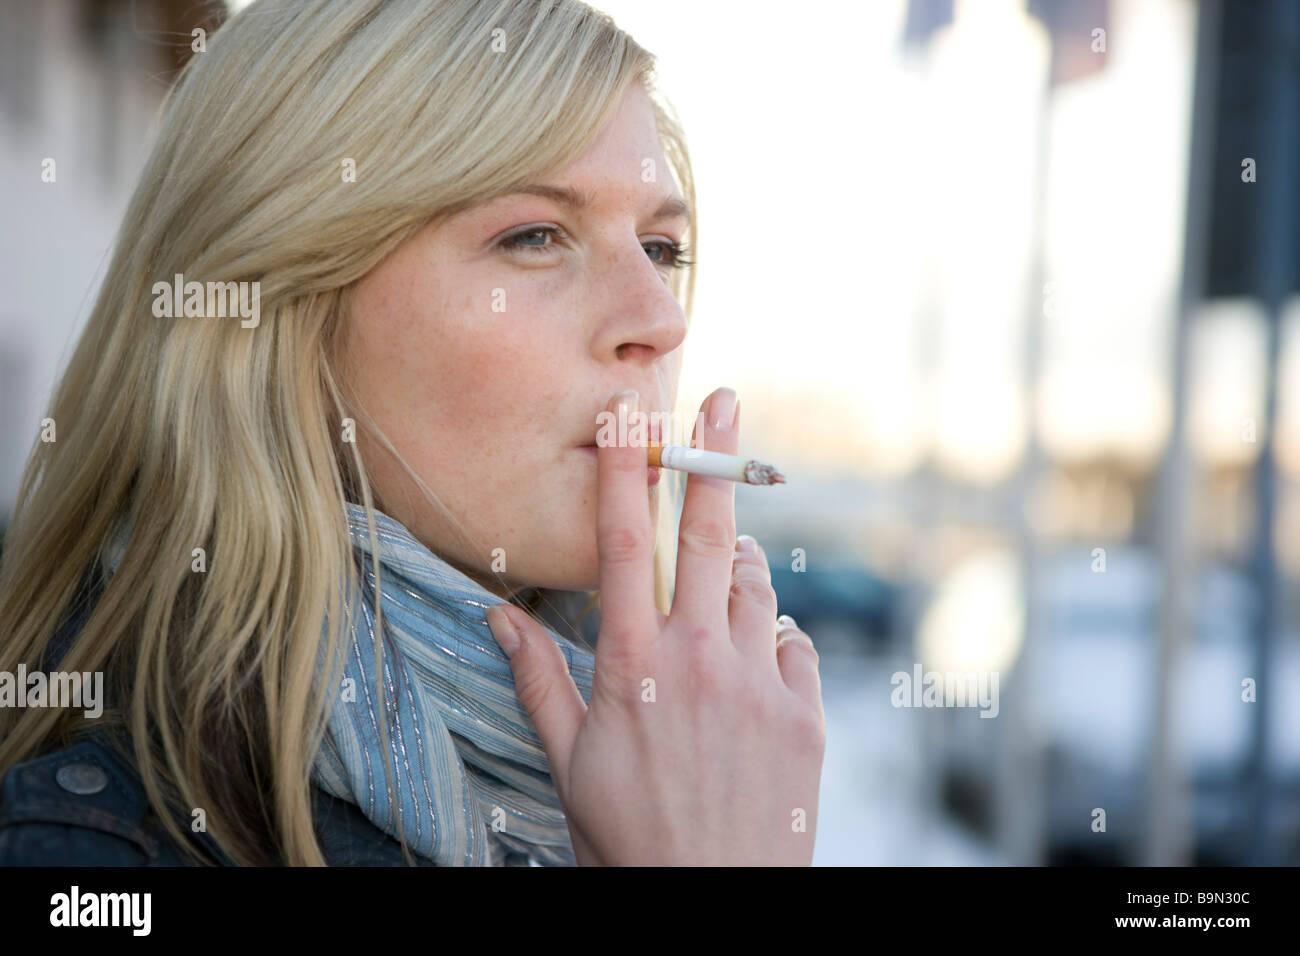 Frau rauchend, an der zigarette ziehen - Stock Image